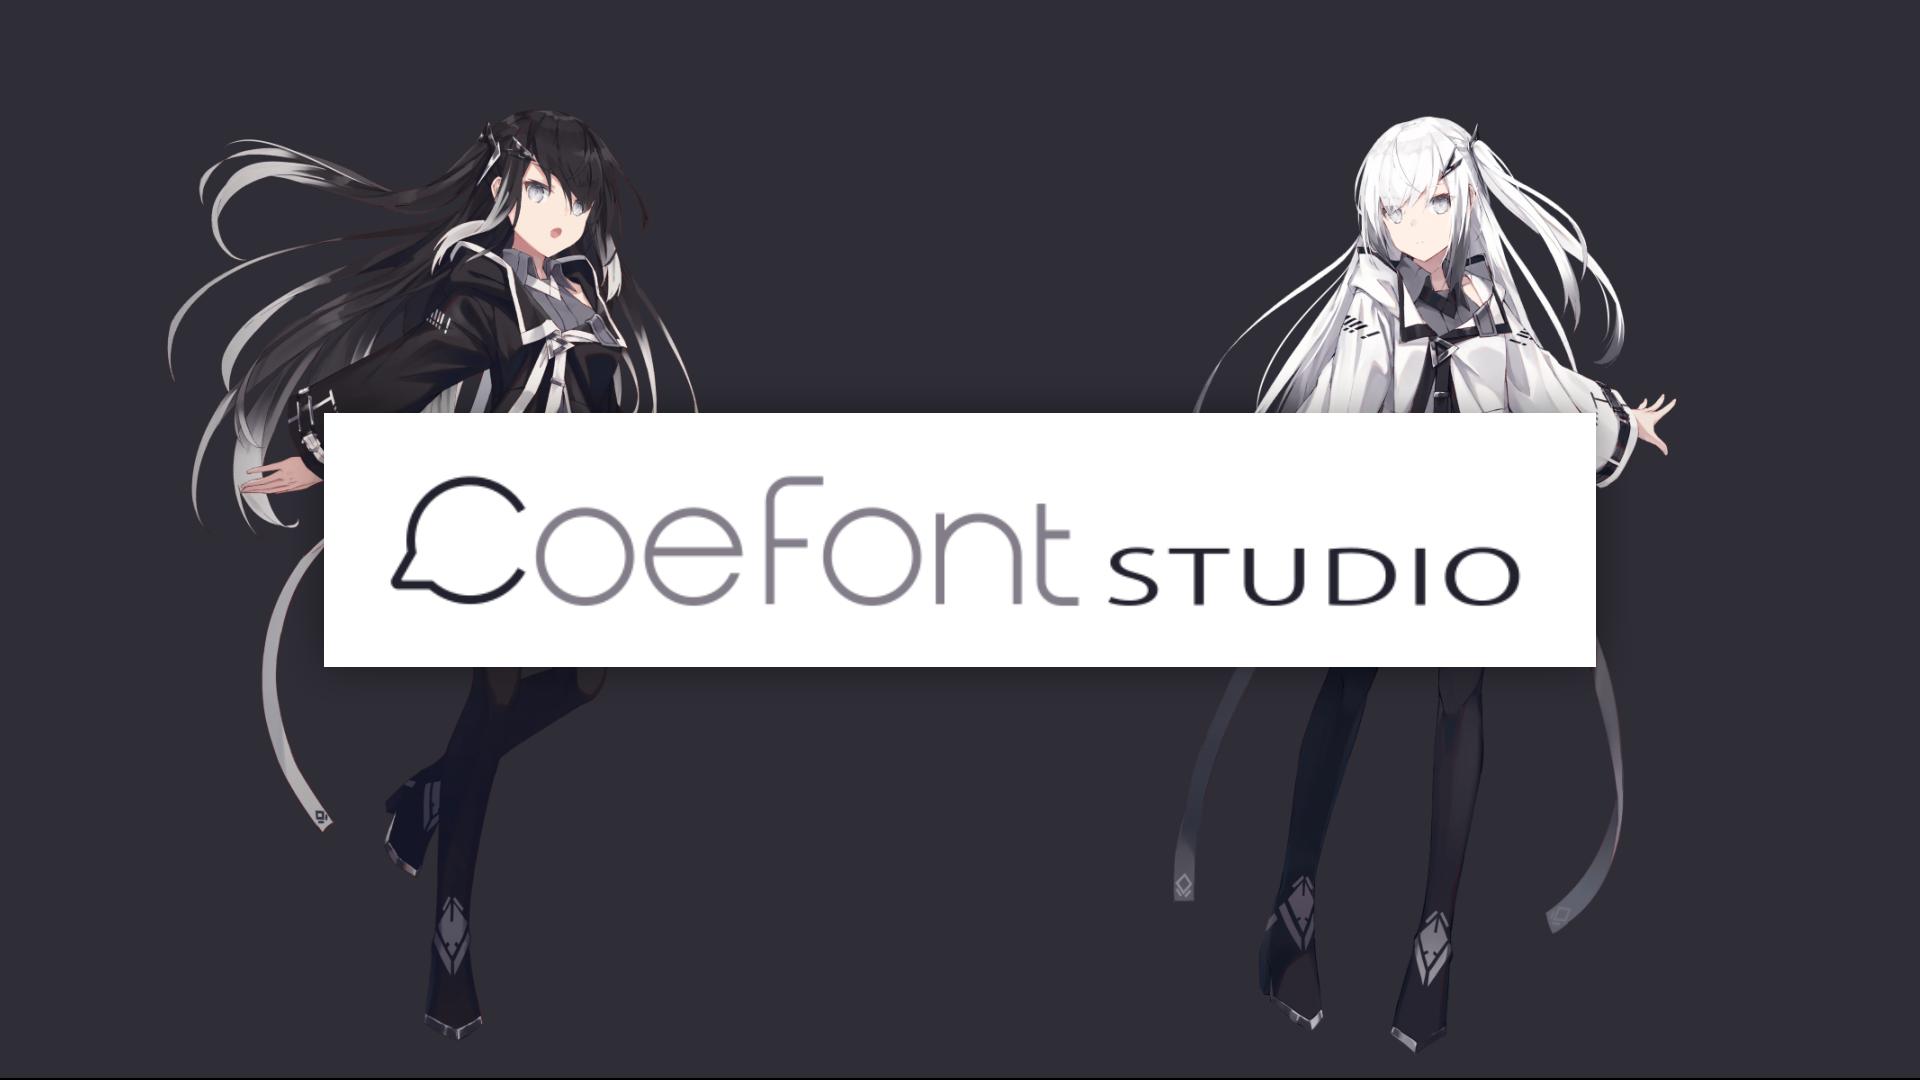 無料で商用利用可の合成音声AI「CoeFont STUDIO」が良すぎた件